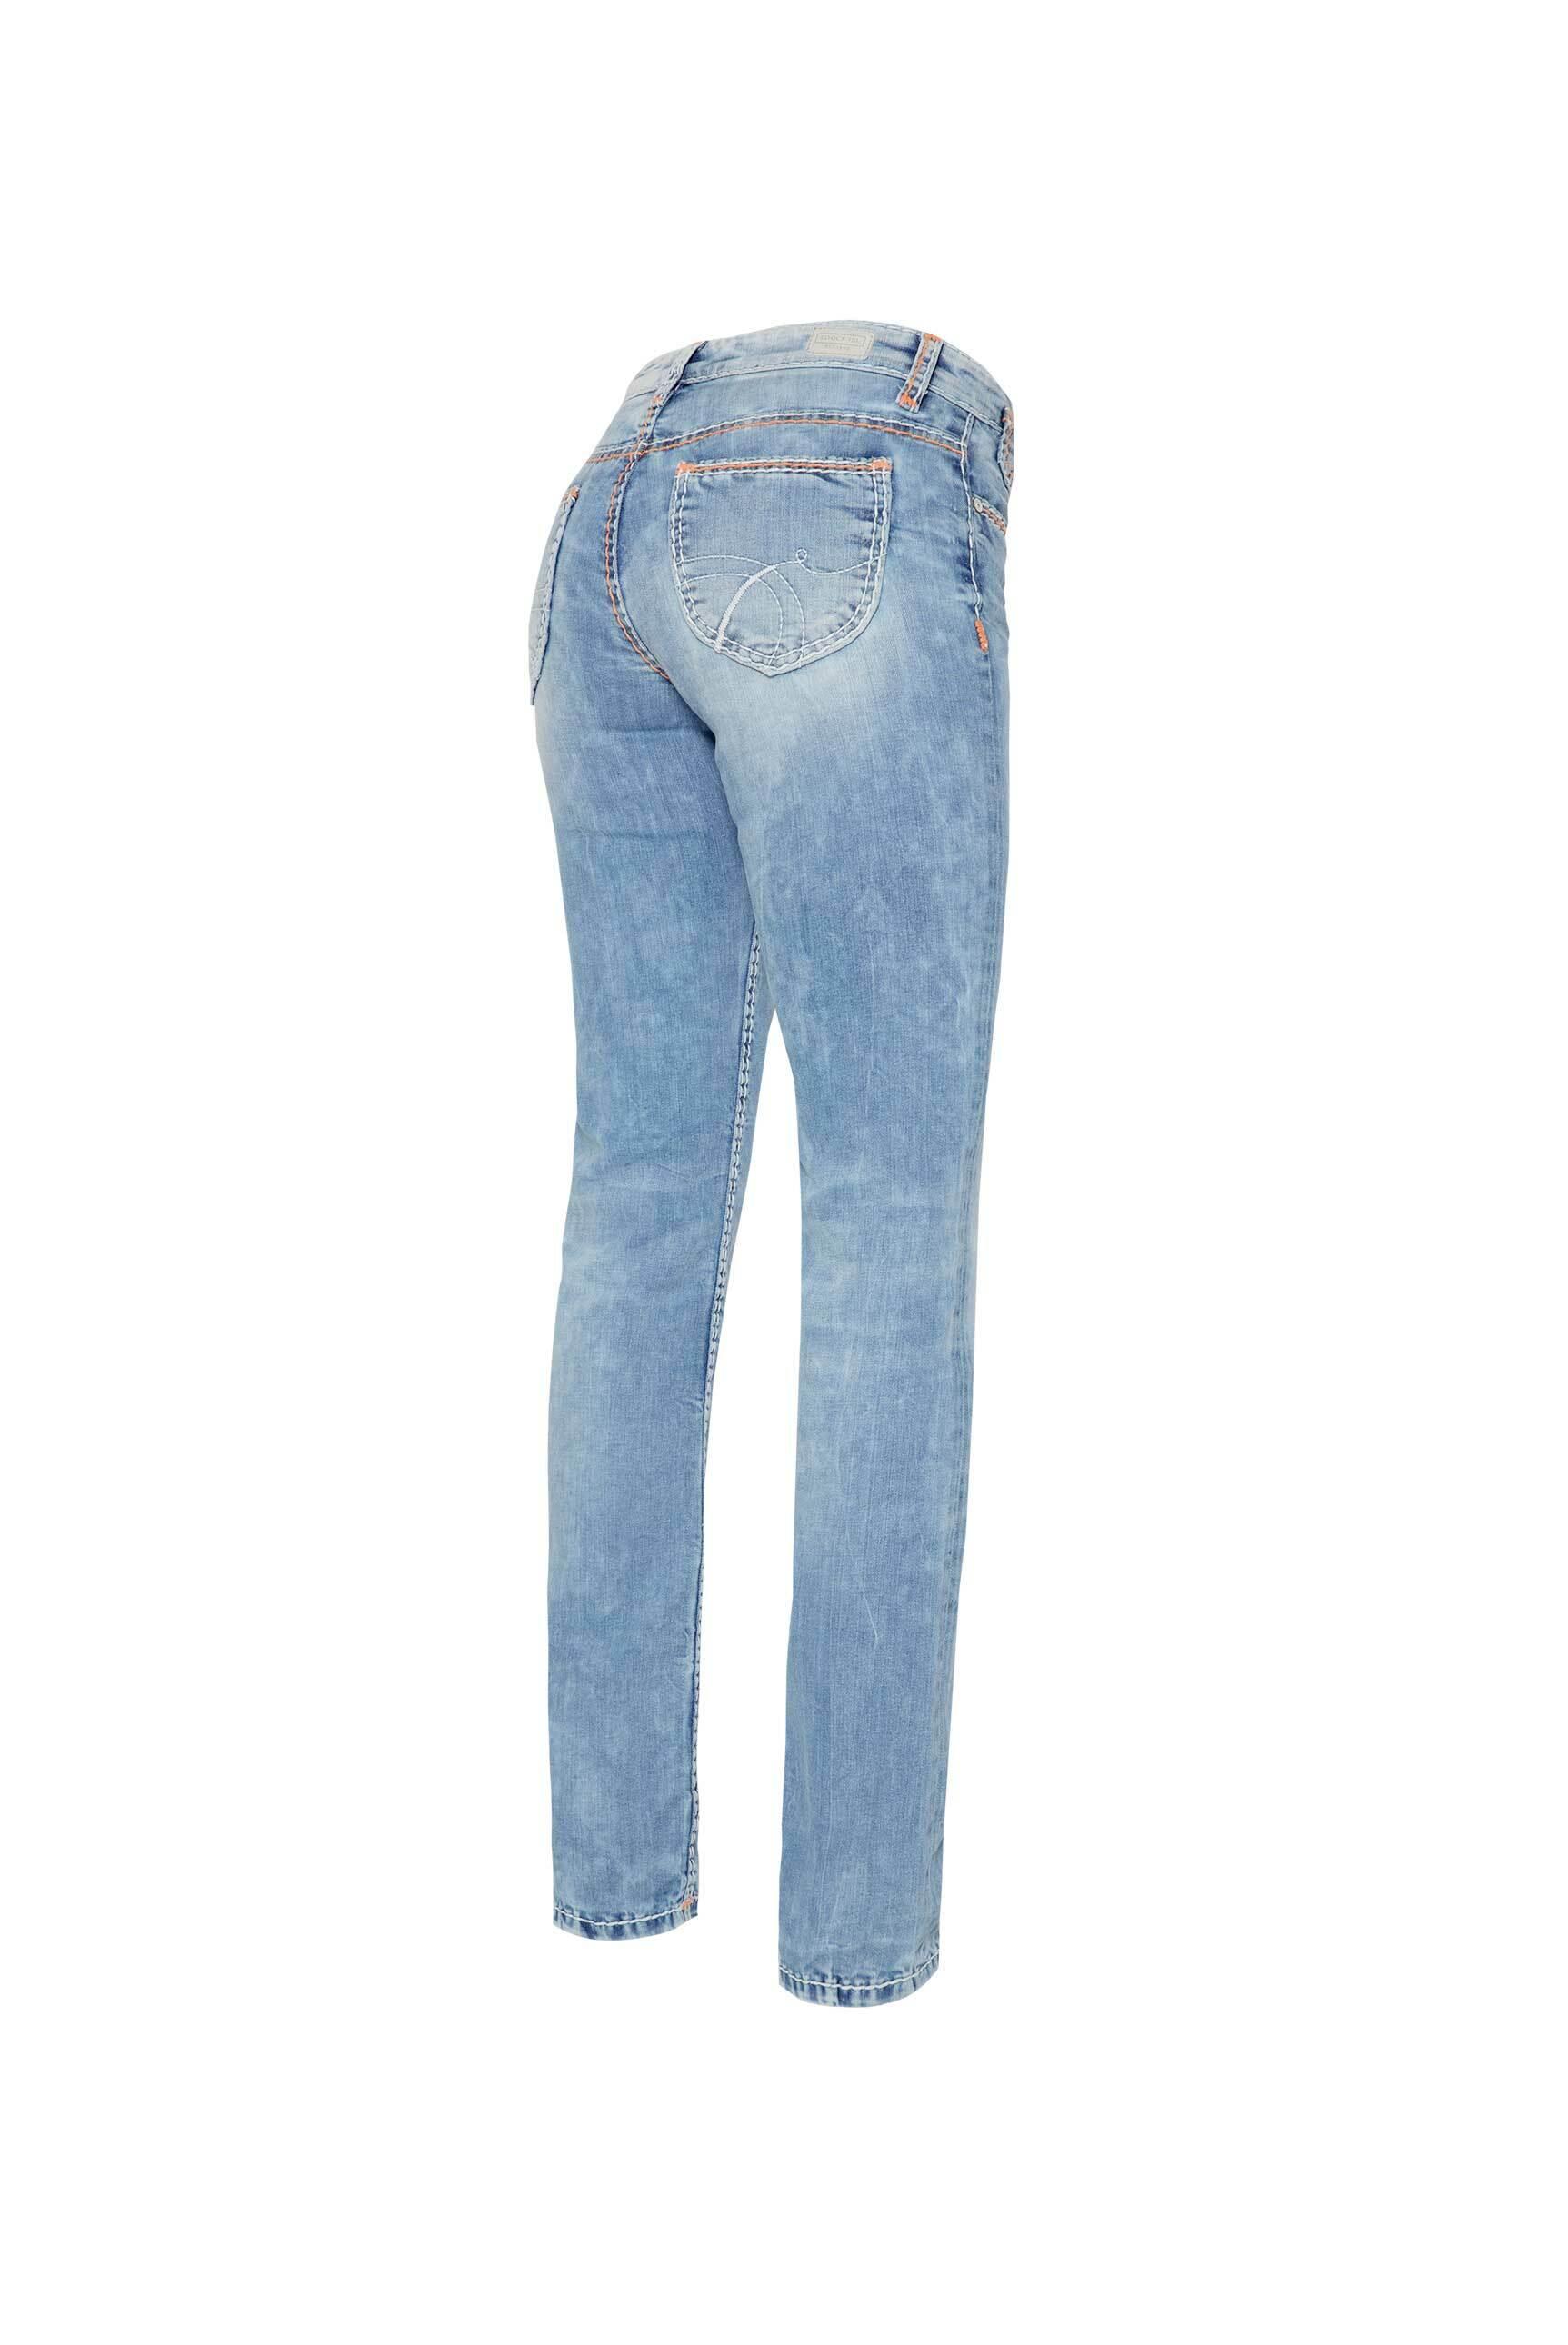 Light Random Jeans CO:LE mit Neon-Details, Comfort Fit